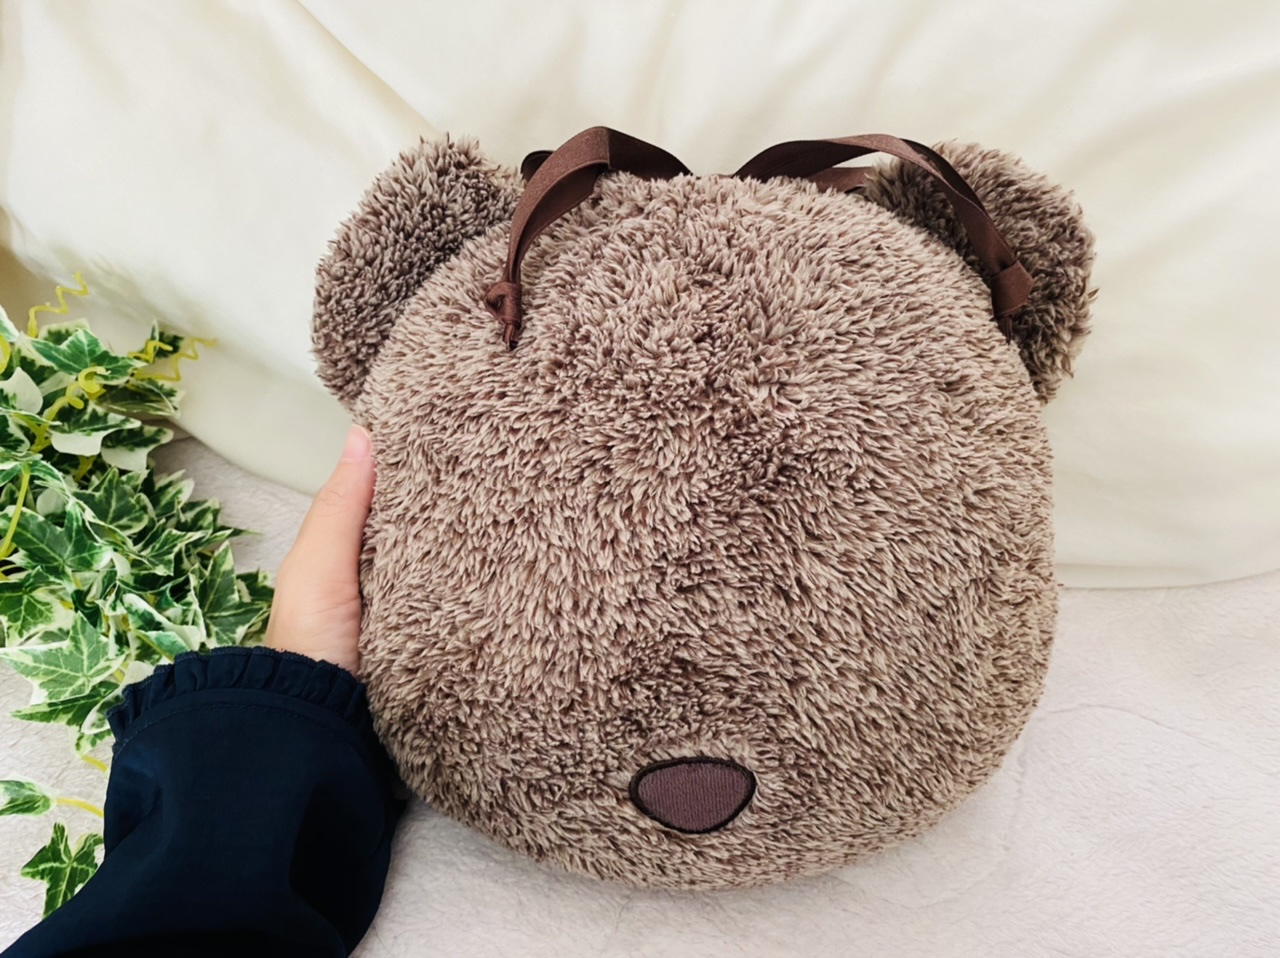 【GU新作】クマさん可愛すぎ♡クッションにもなる《4WAYブランケット》は今冬絶対買い!_5